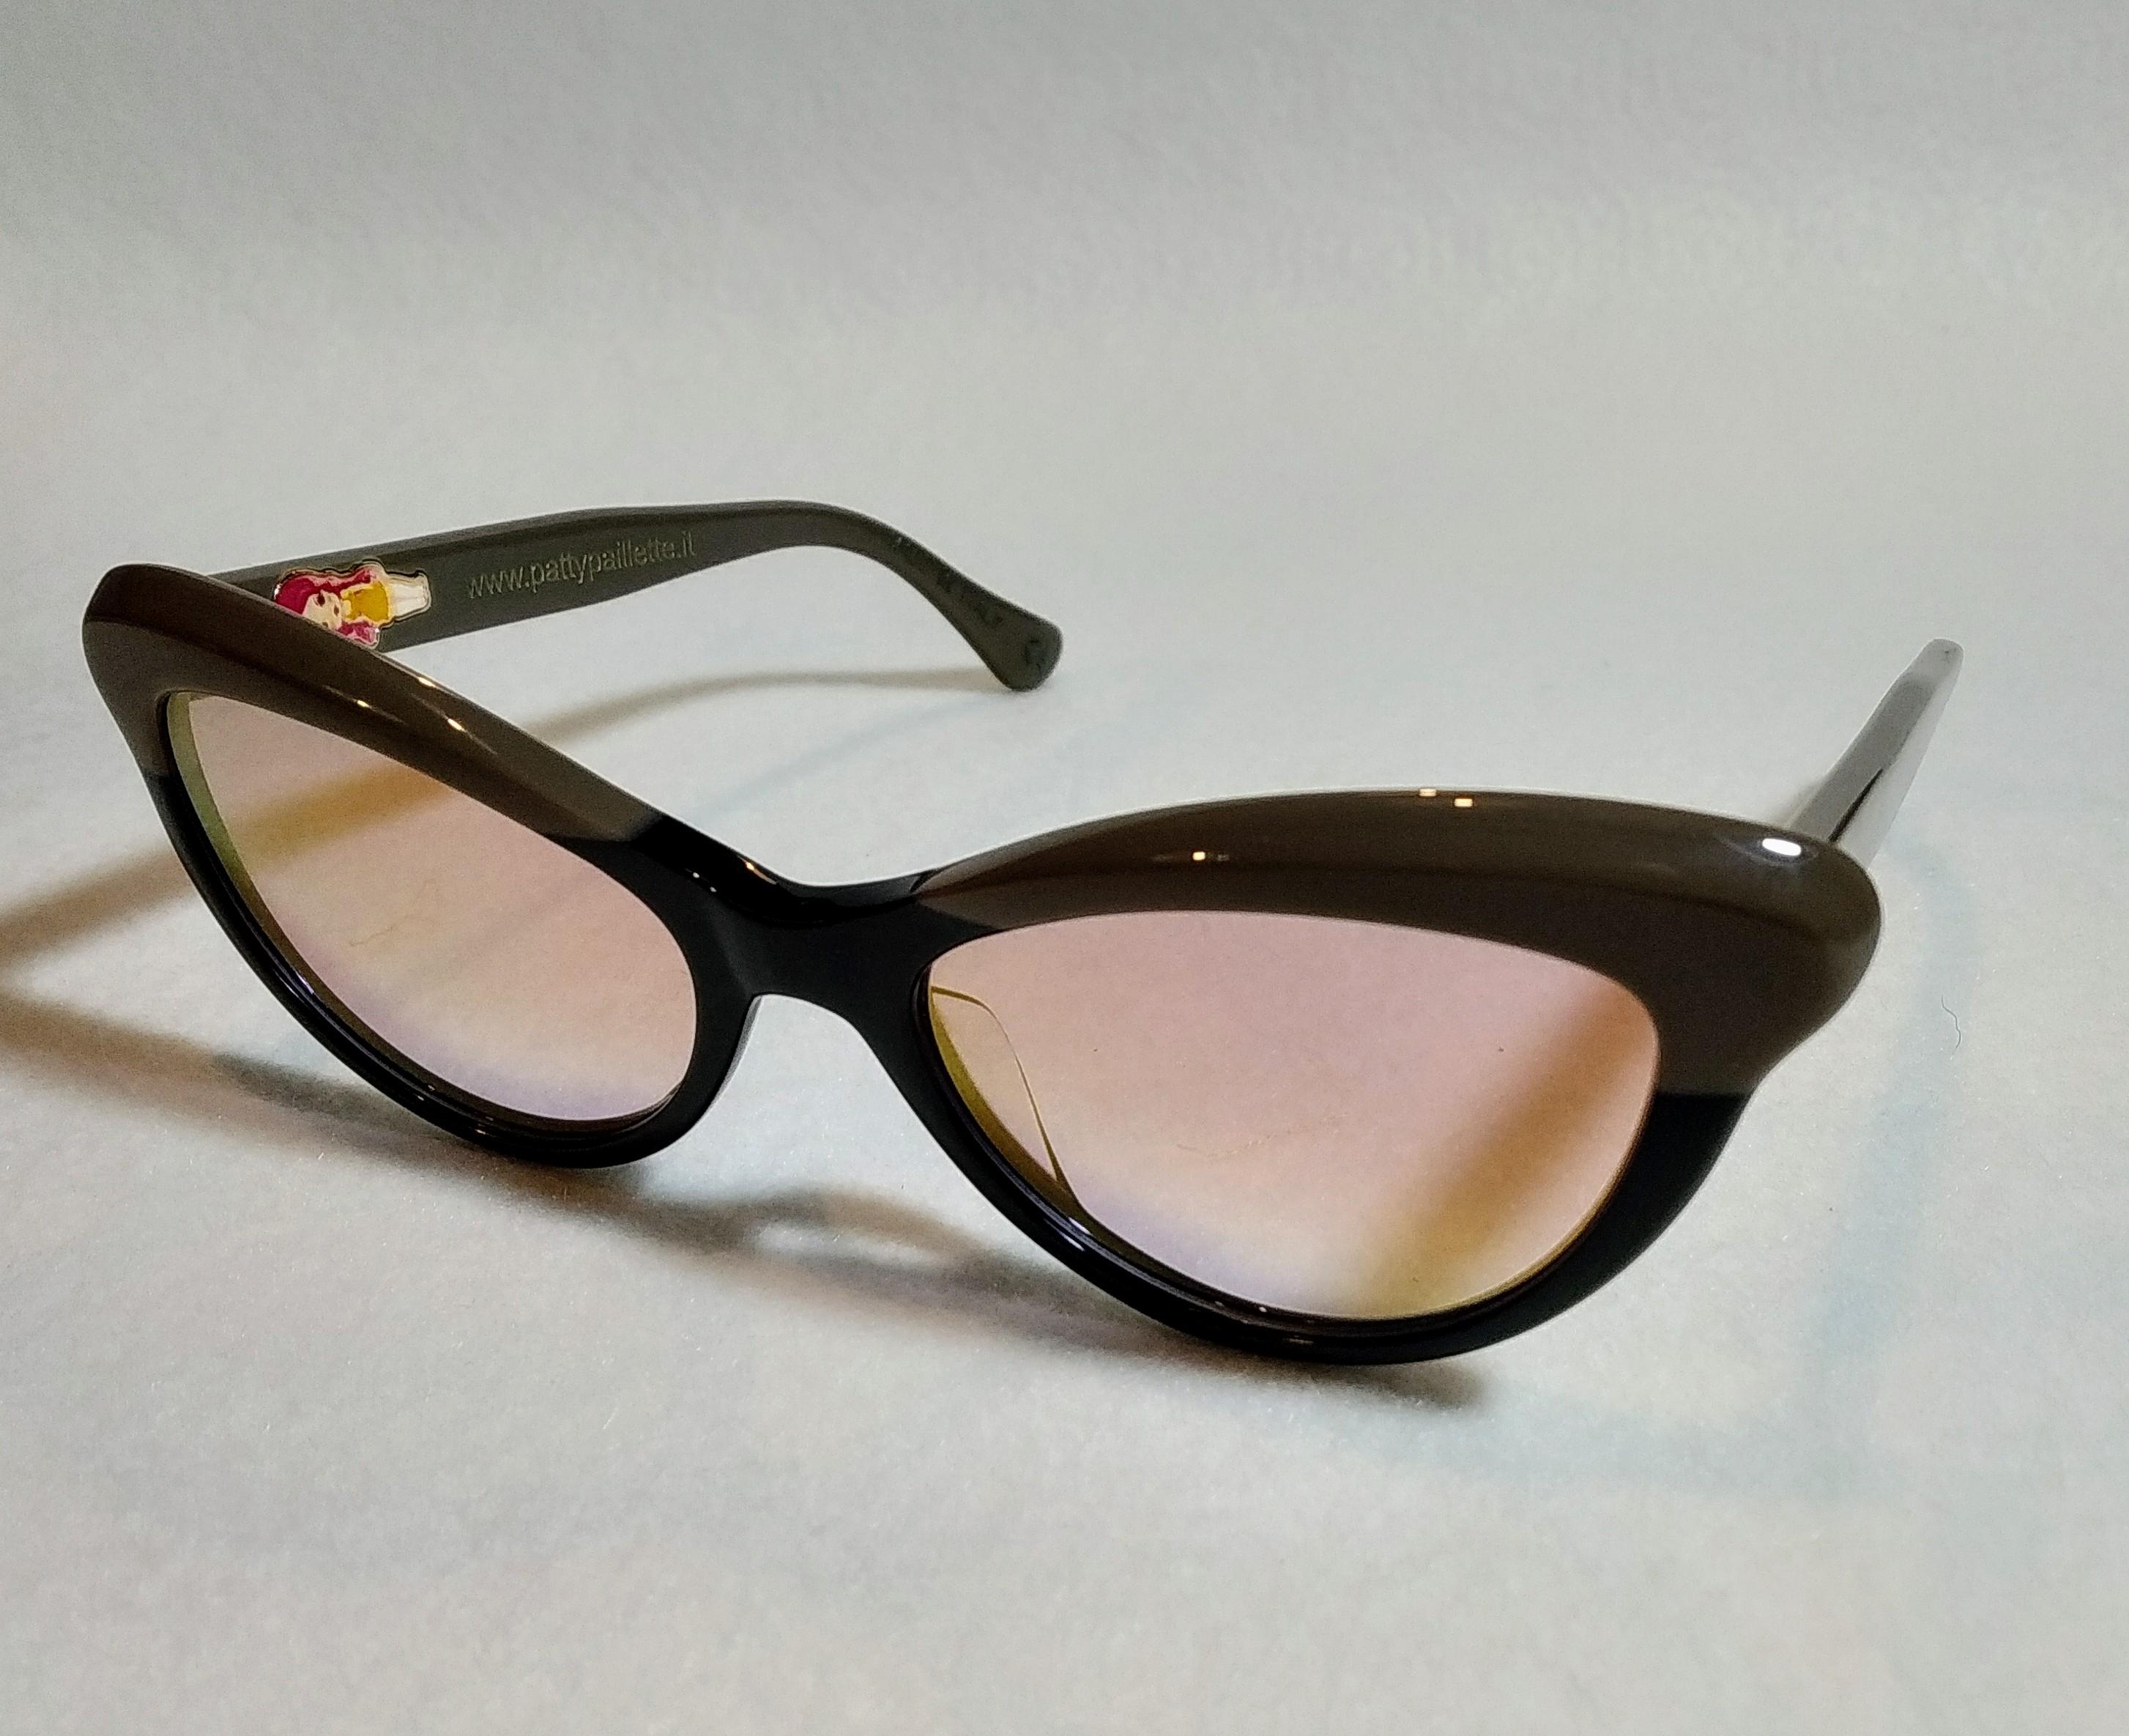 Occhiale sole Petite Asia di Patty paillette